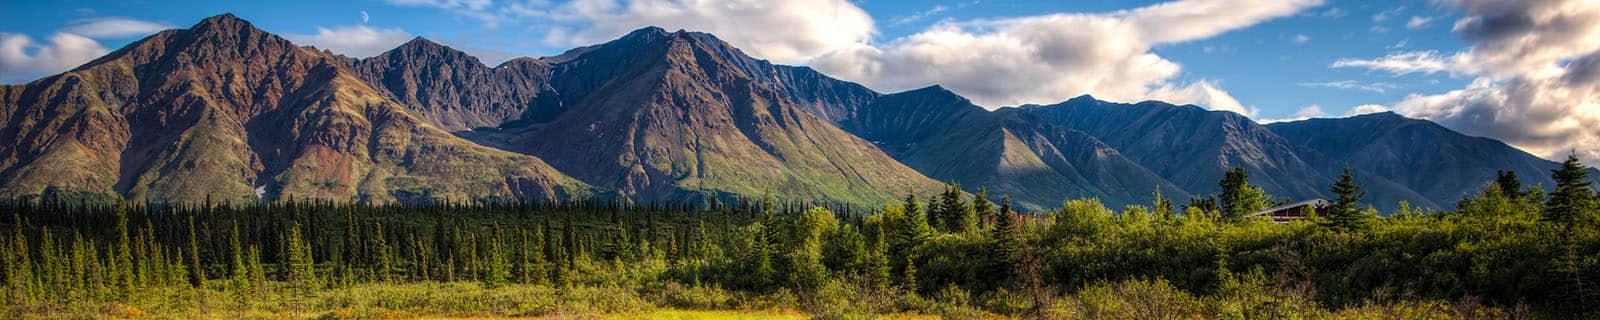 Paquetes terrestres en Alaska